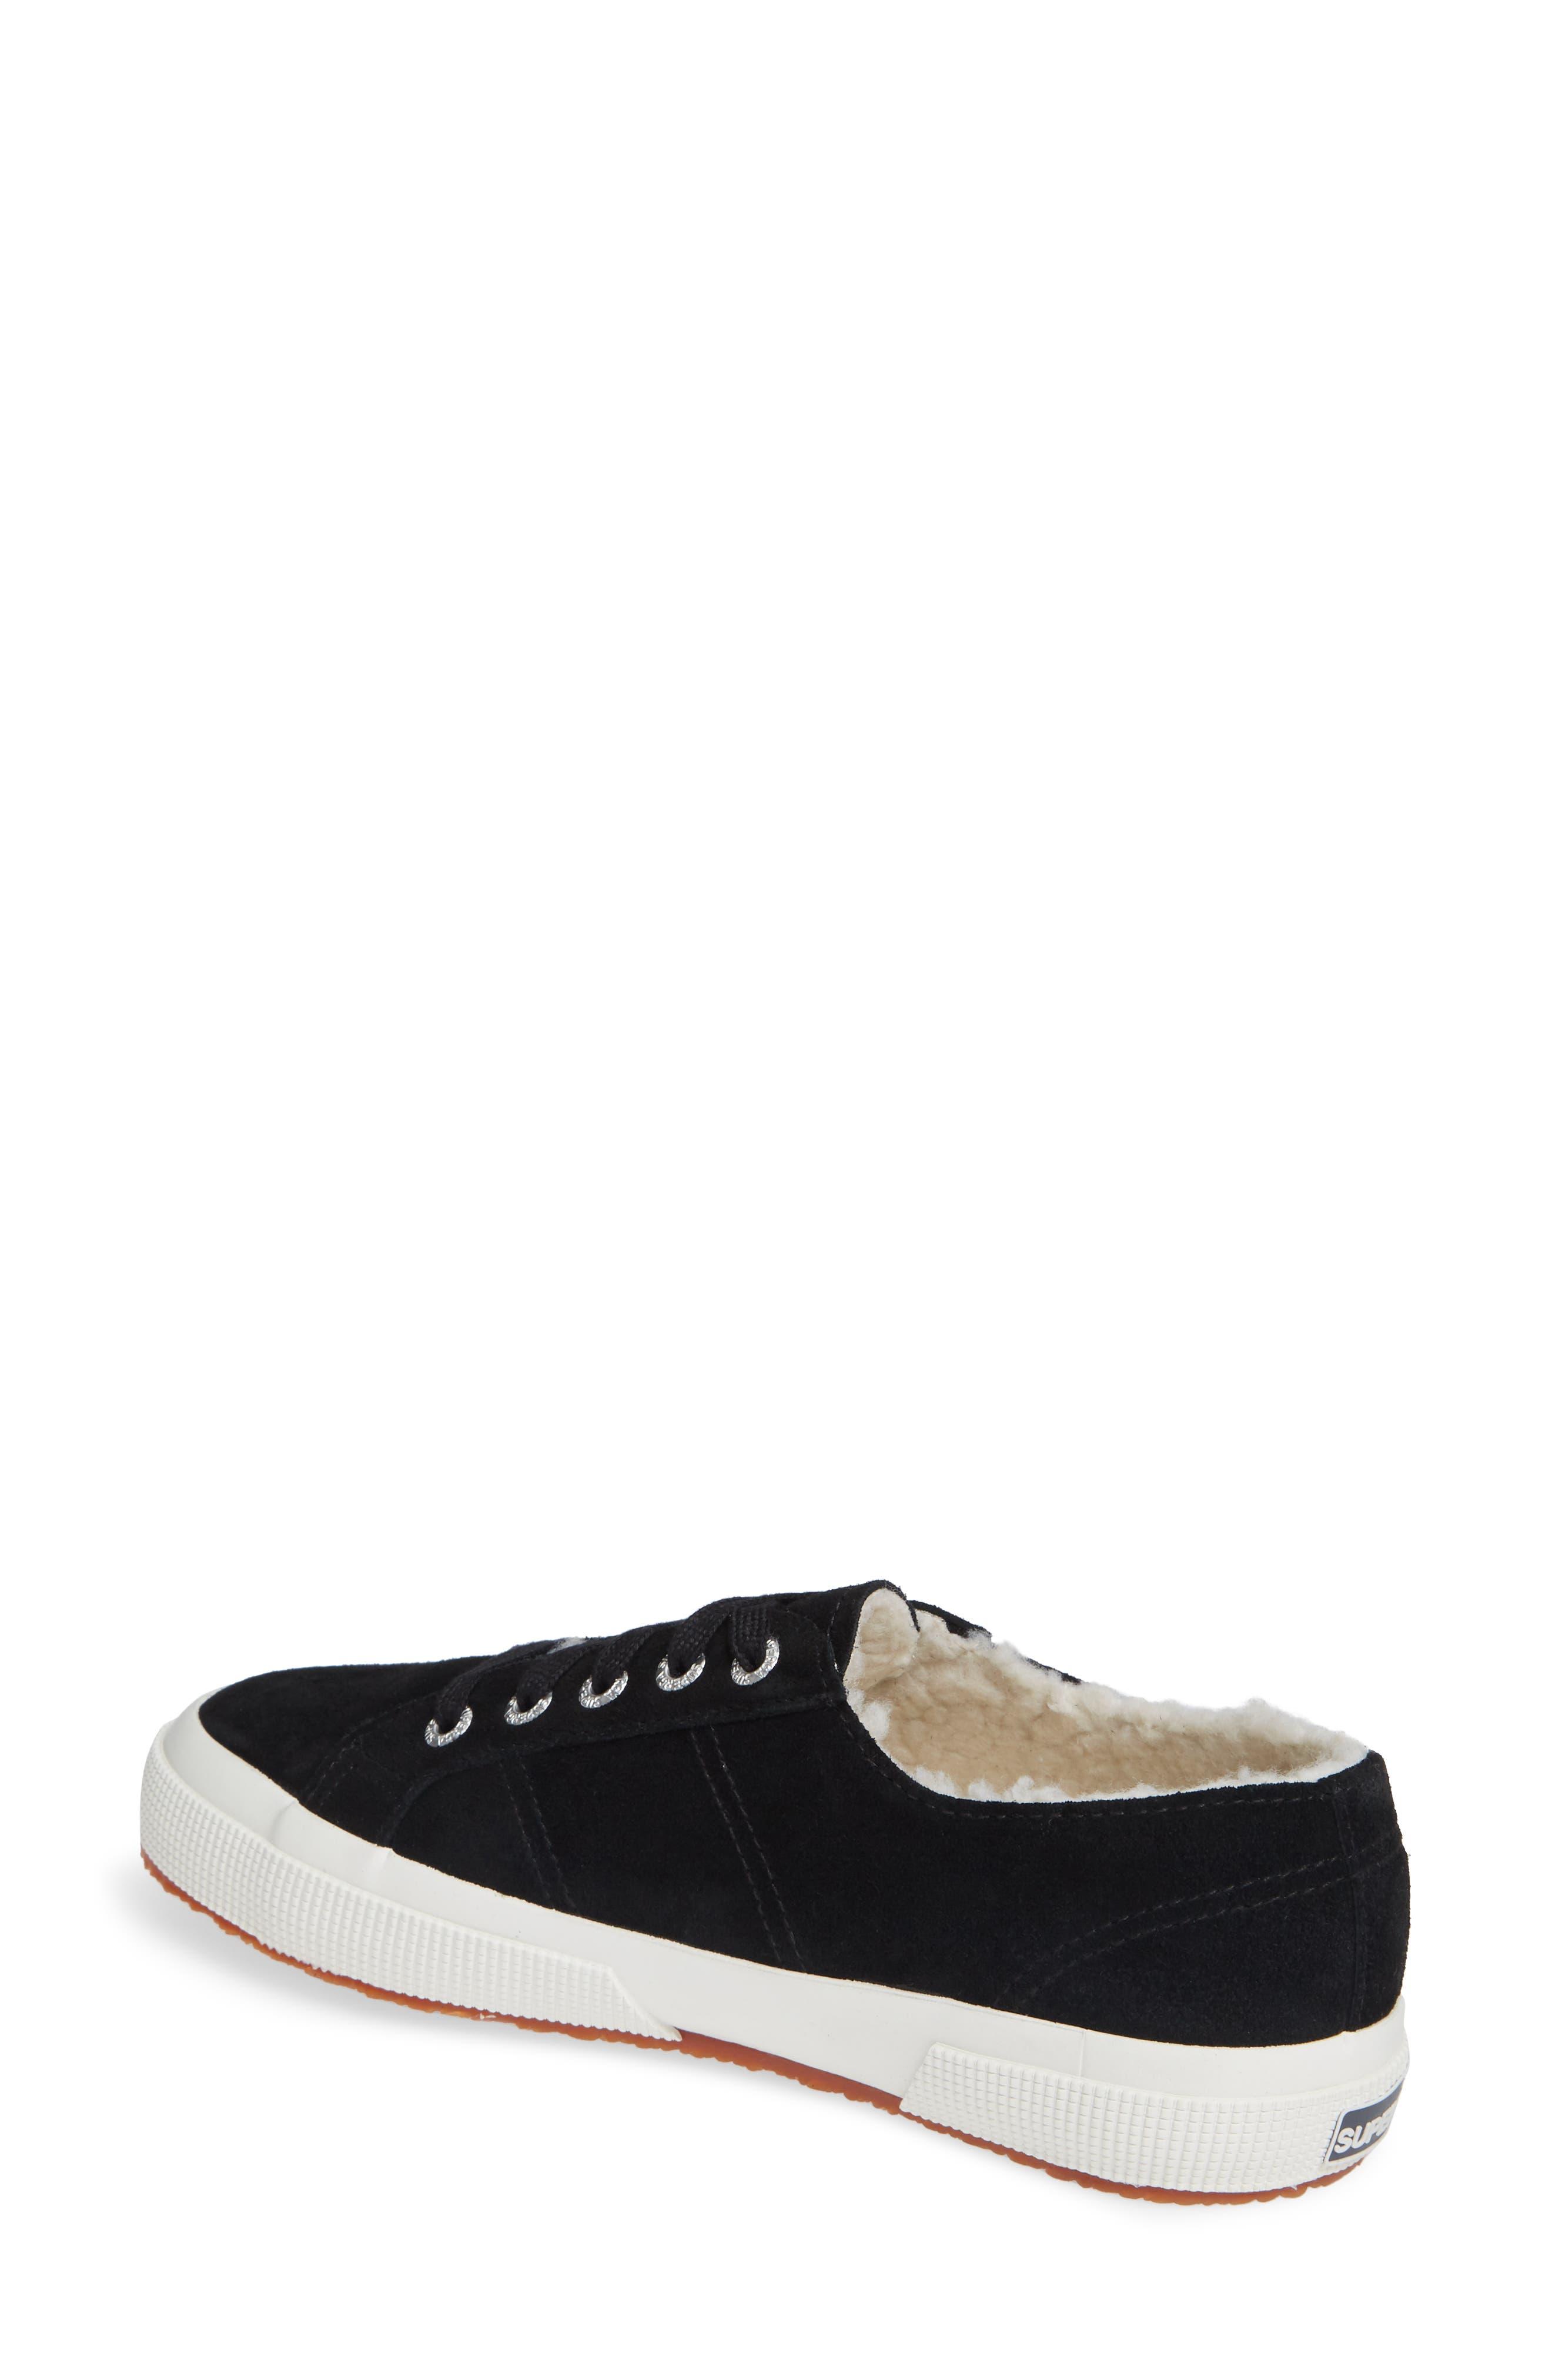 2750 Suefurw Sneaker,                             Alternate thumbnail 2, color,                             BLACK SUEDE